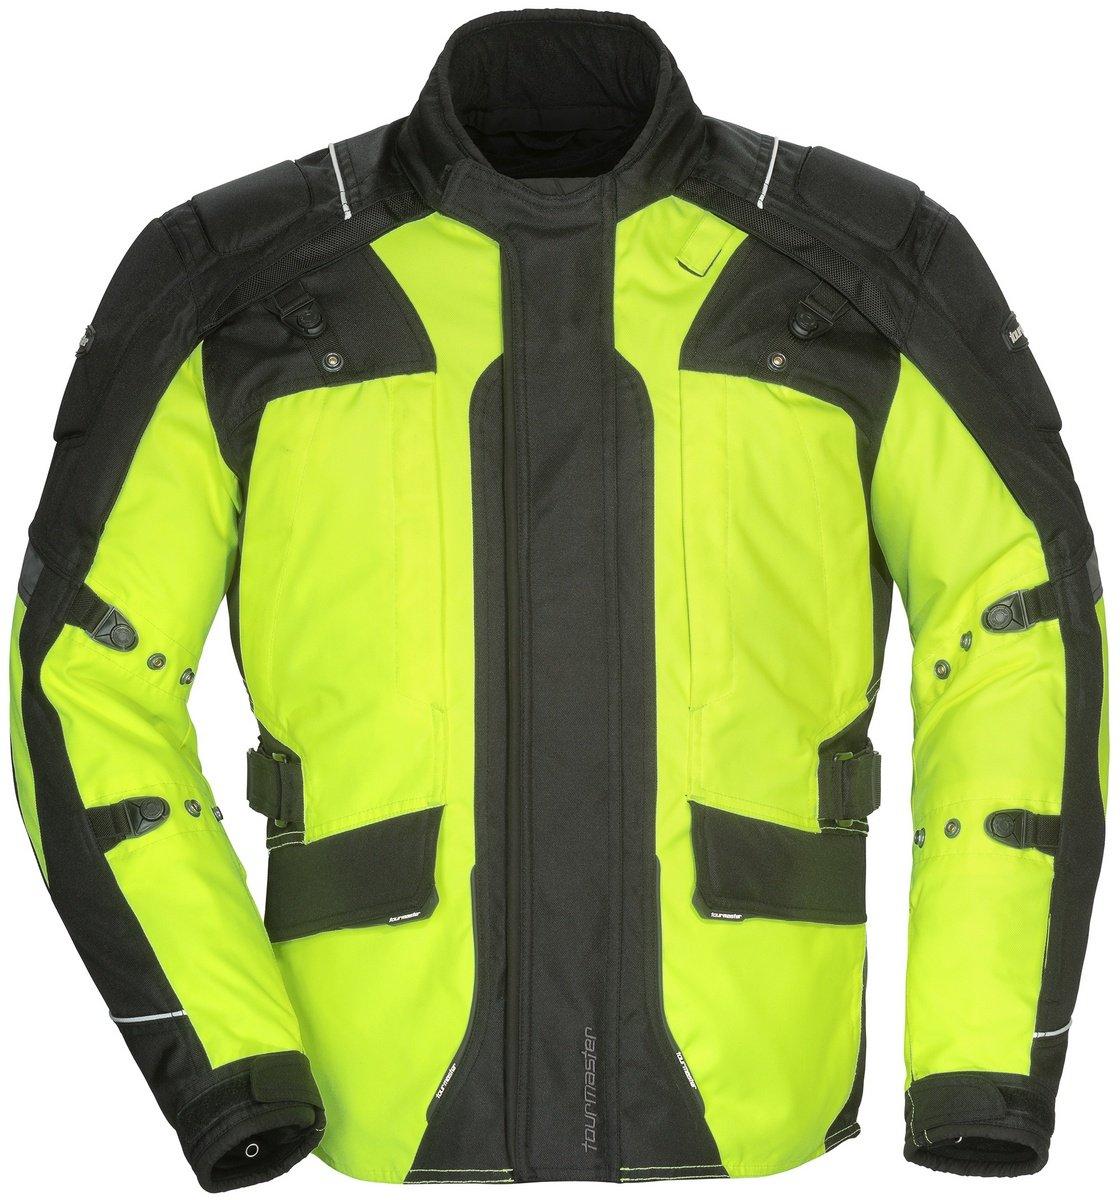 Tourmaster Transition Series 4 Men's Textile Motorcycle Touring Jacket (Hi-Viz/Black, Small)